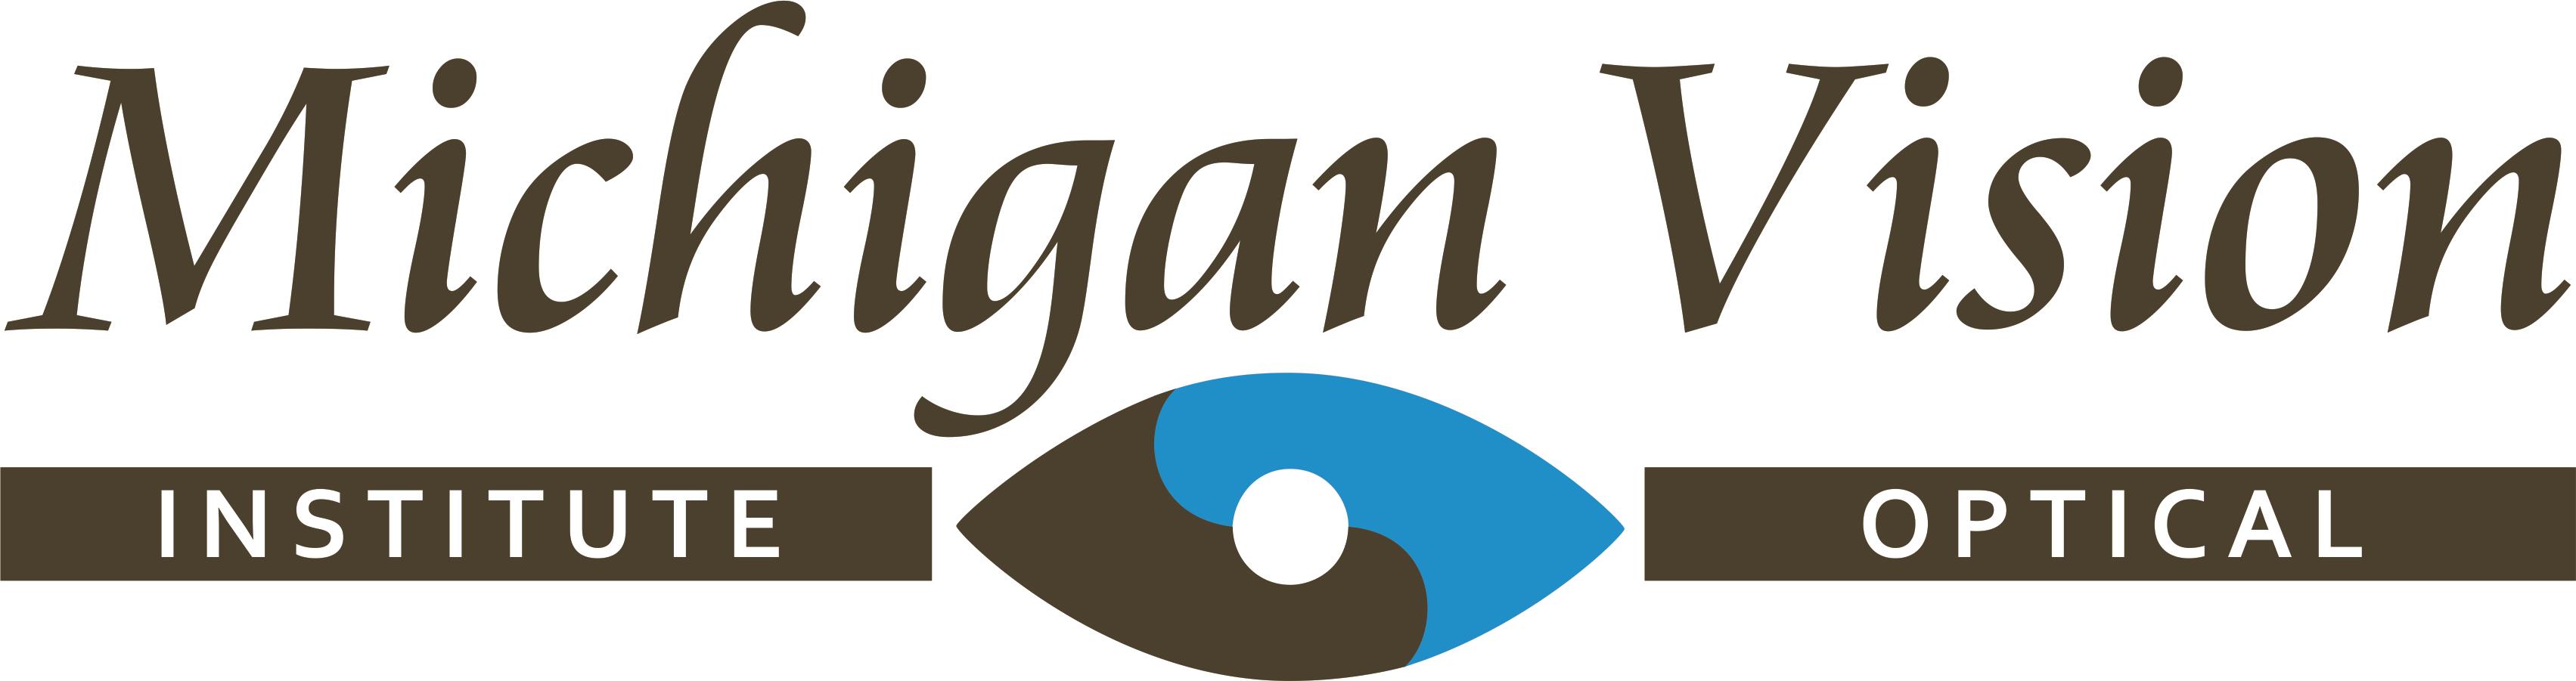 Michigan Vision Institute - ad image